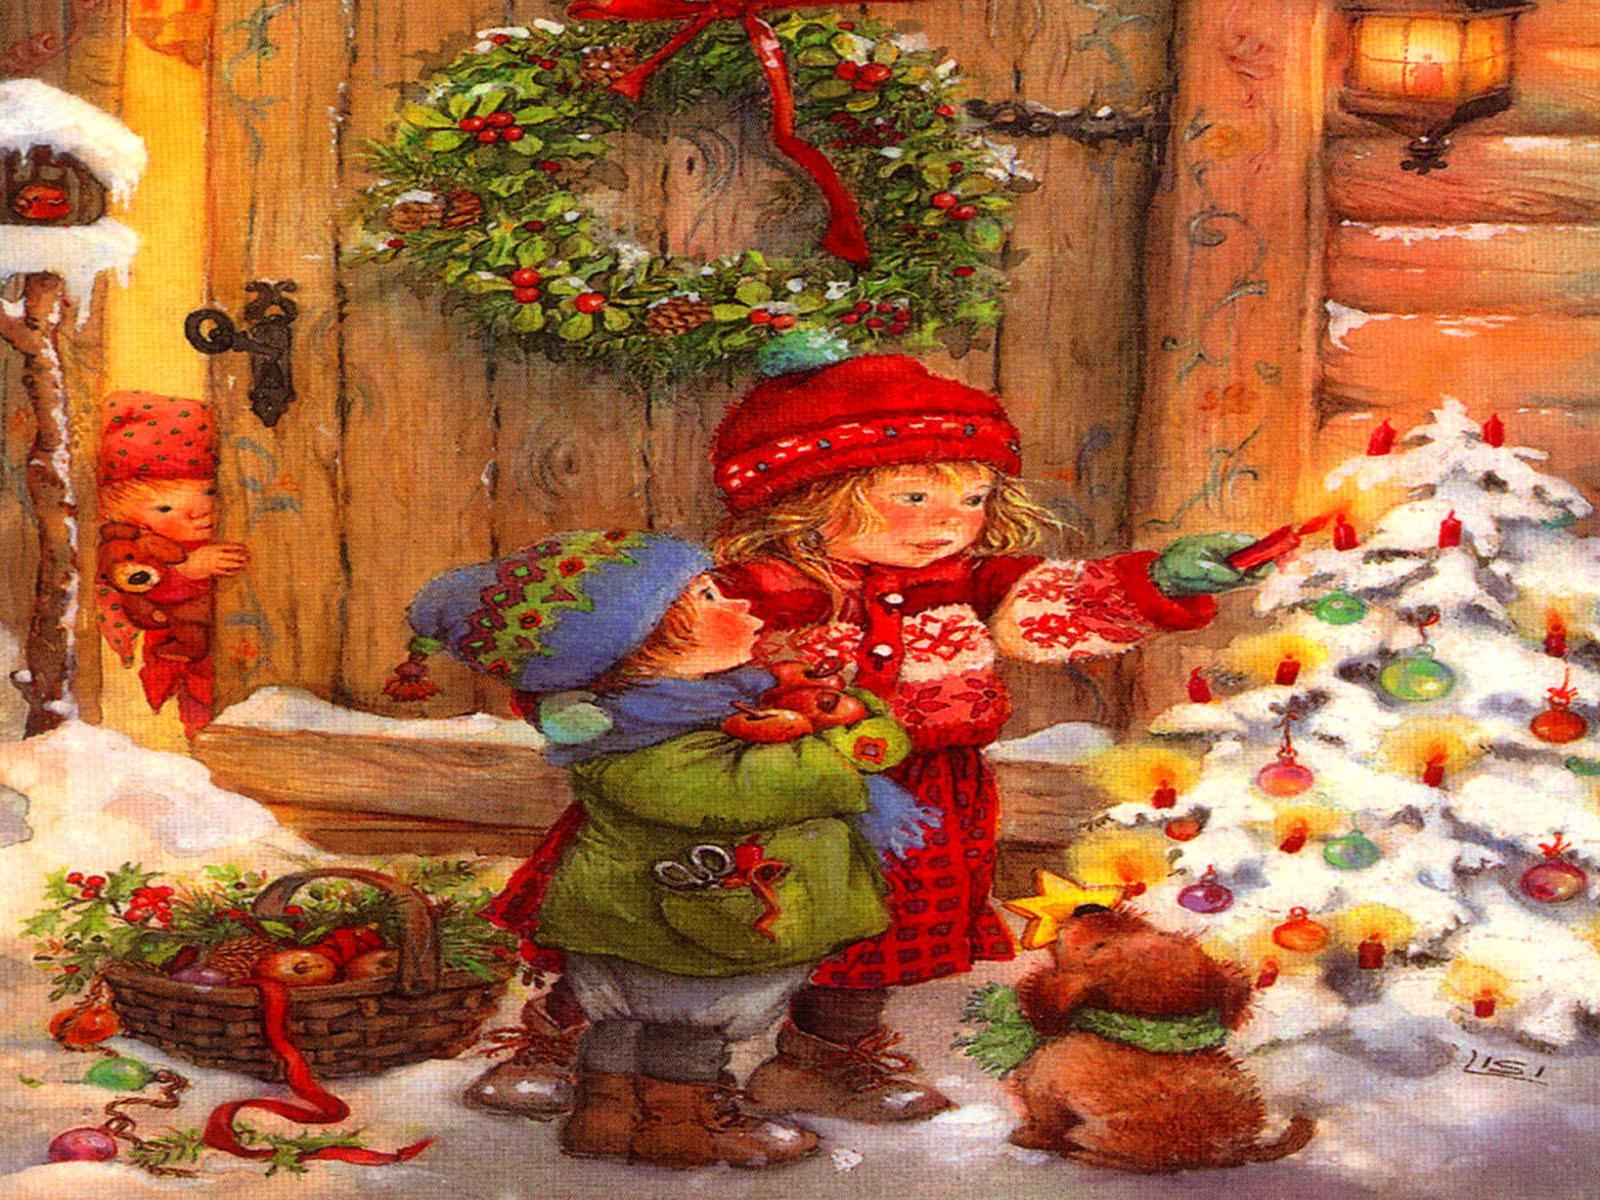 Новогодние открытки. Большая и яркая новогодняя открытка не оставит Вас равнодушным. Если Вы хотите поздравить близких людей с праздником, лучший способ – отправить новогоднюю открытку. На ней изображены двое детей, которые вышли из дома и зажигают свечи на празднично украшенной ёлке. А маленький мохнатый щенок держит в зубах главное украшение – золотую звезду. Самая младшая малышка не решается выйти из дома, но с интересом наблюдает за братом и сестрой из-за приоткрытой двери.